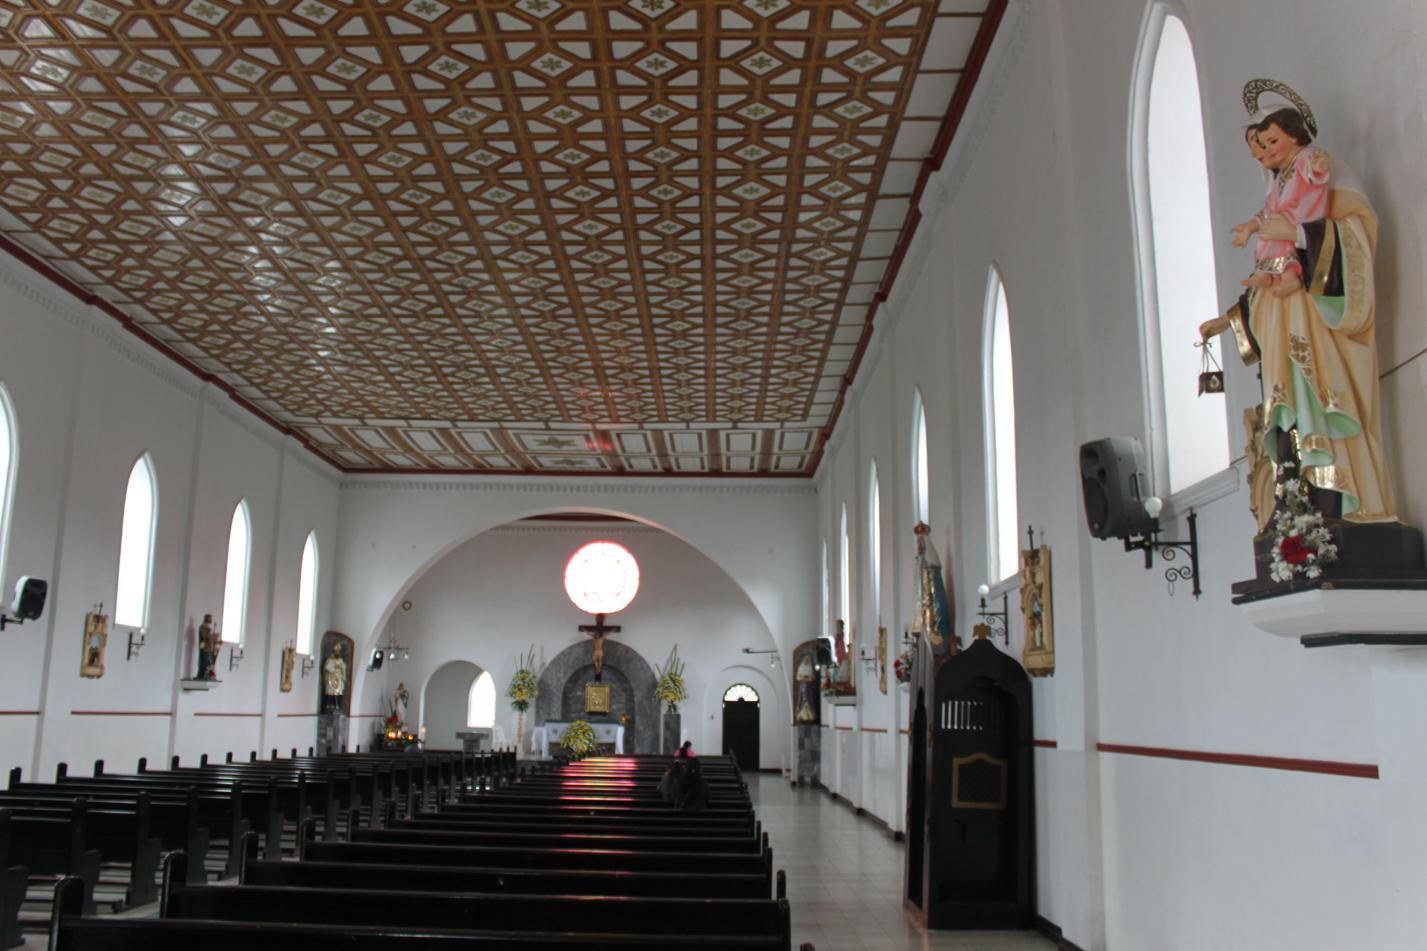 Blick in die Kirche von San Augustin.